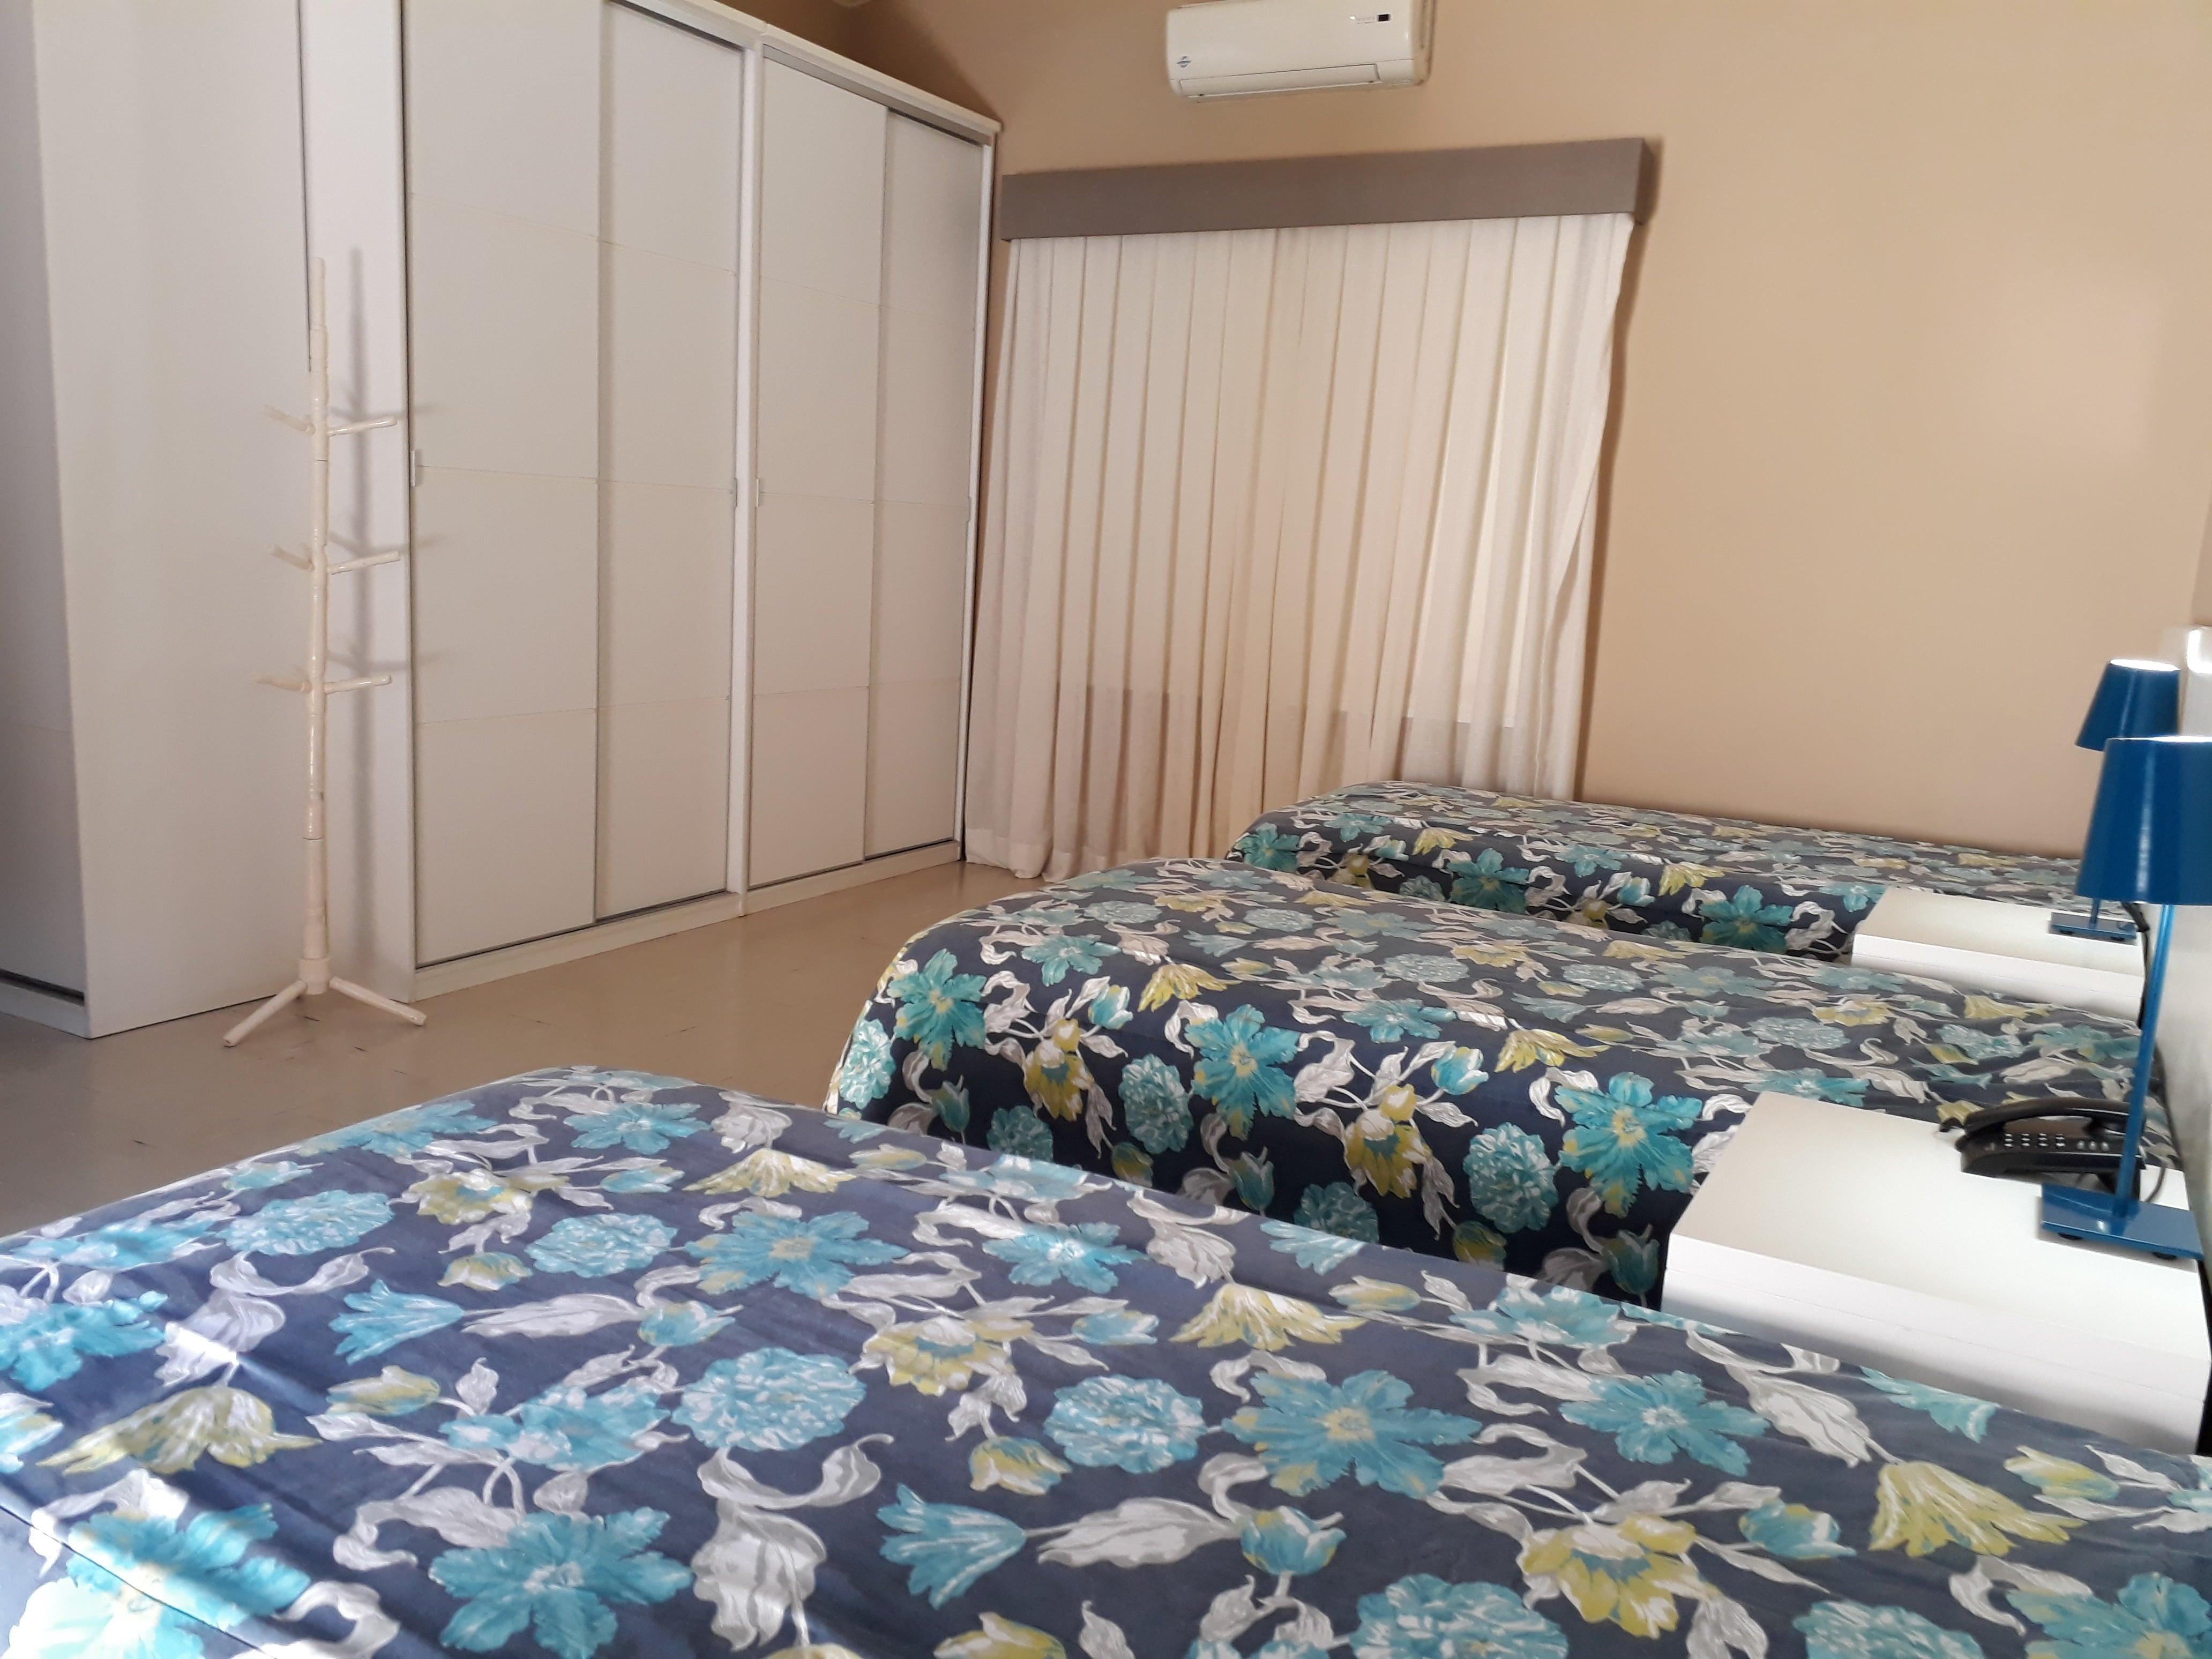 Foto suite tripla Spa sorocaba - Quarto